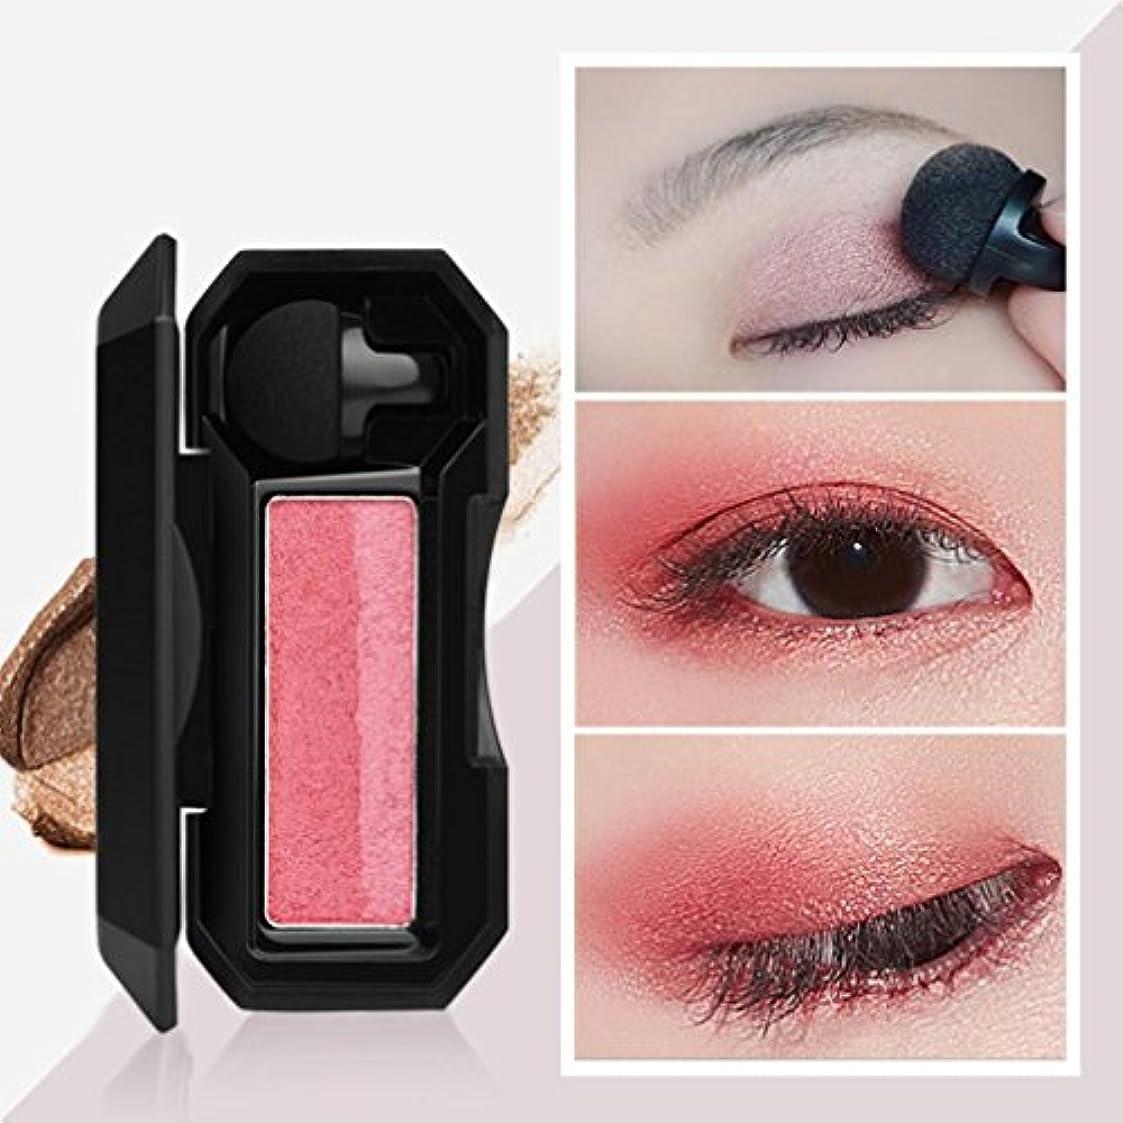 にもかかわらず包括的ネクタイビューティー アイシャドー BOBOGOJP 女性 2色 可愛い デザイン ミニスタンプアイシャドーパレット 携帯便利 極め細かい 化粧パウダー 持続性 スモーキーメイク (21A)